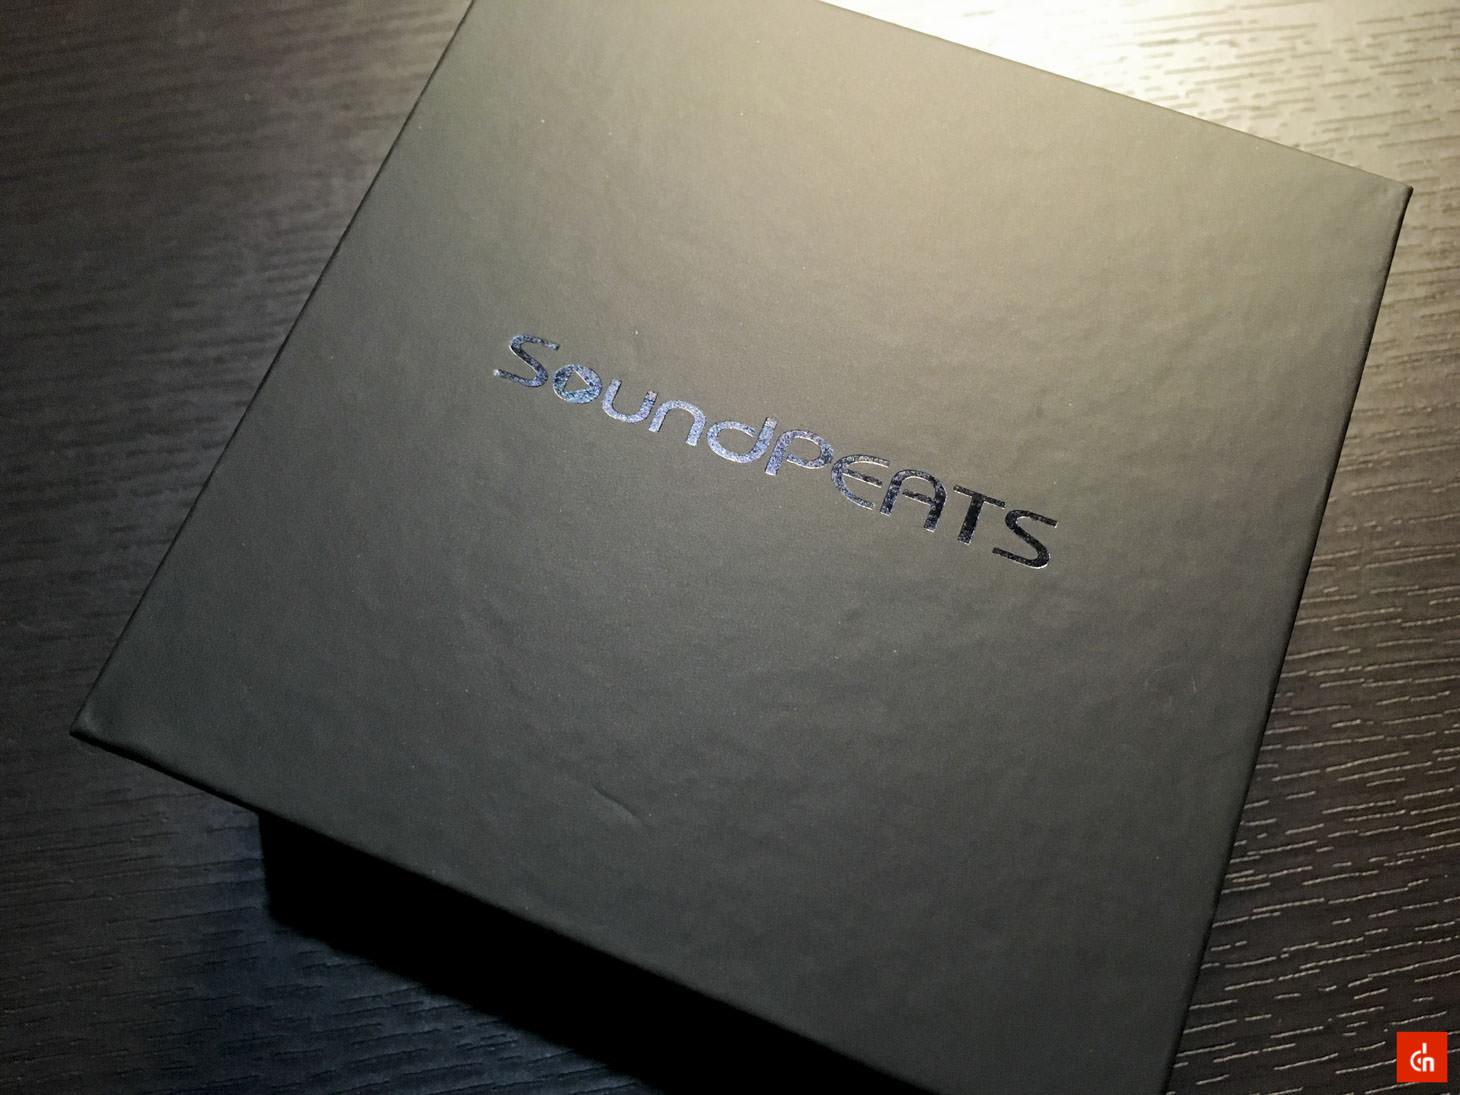 001_20160812_soundprats_q20